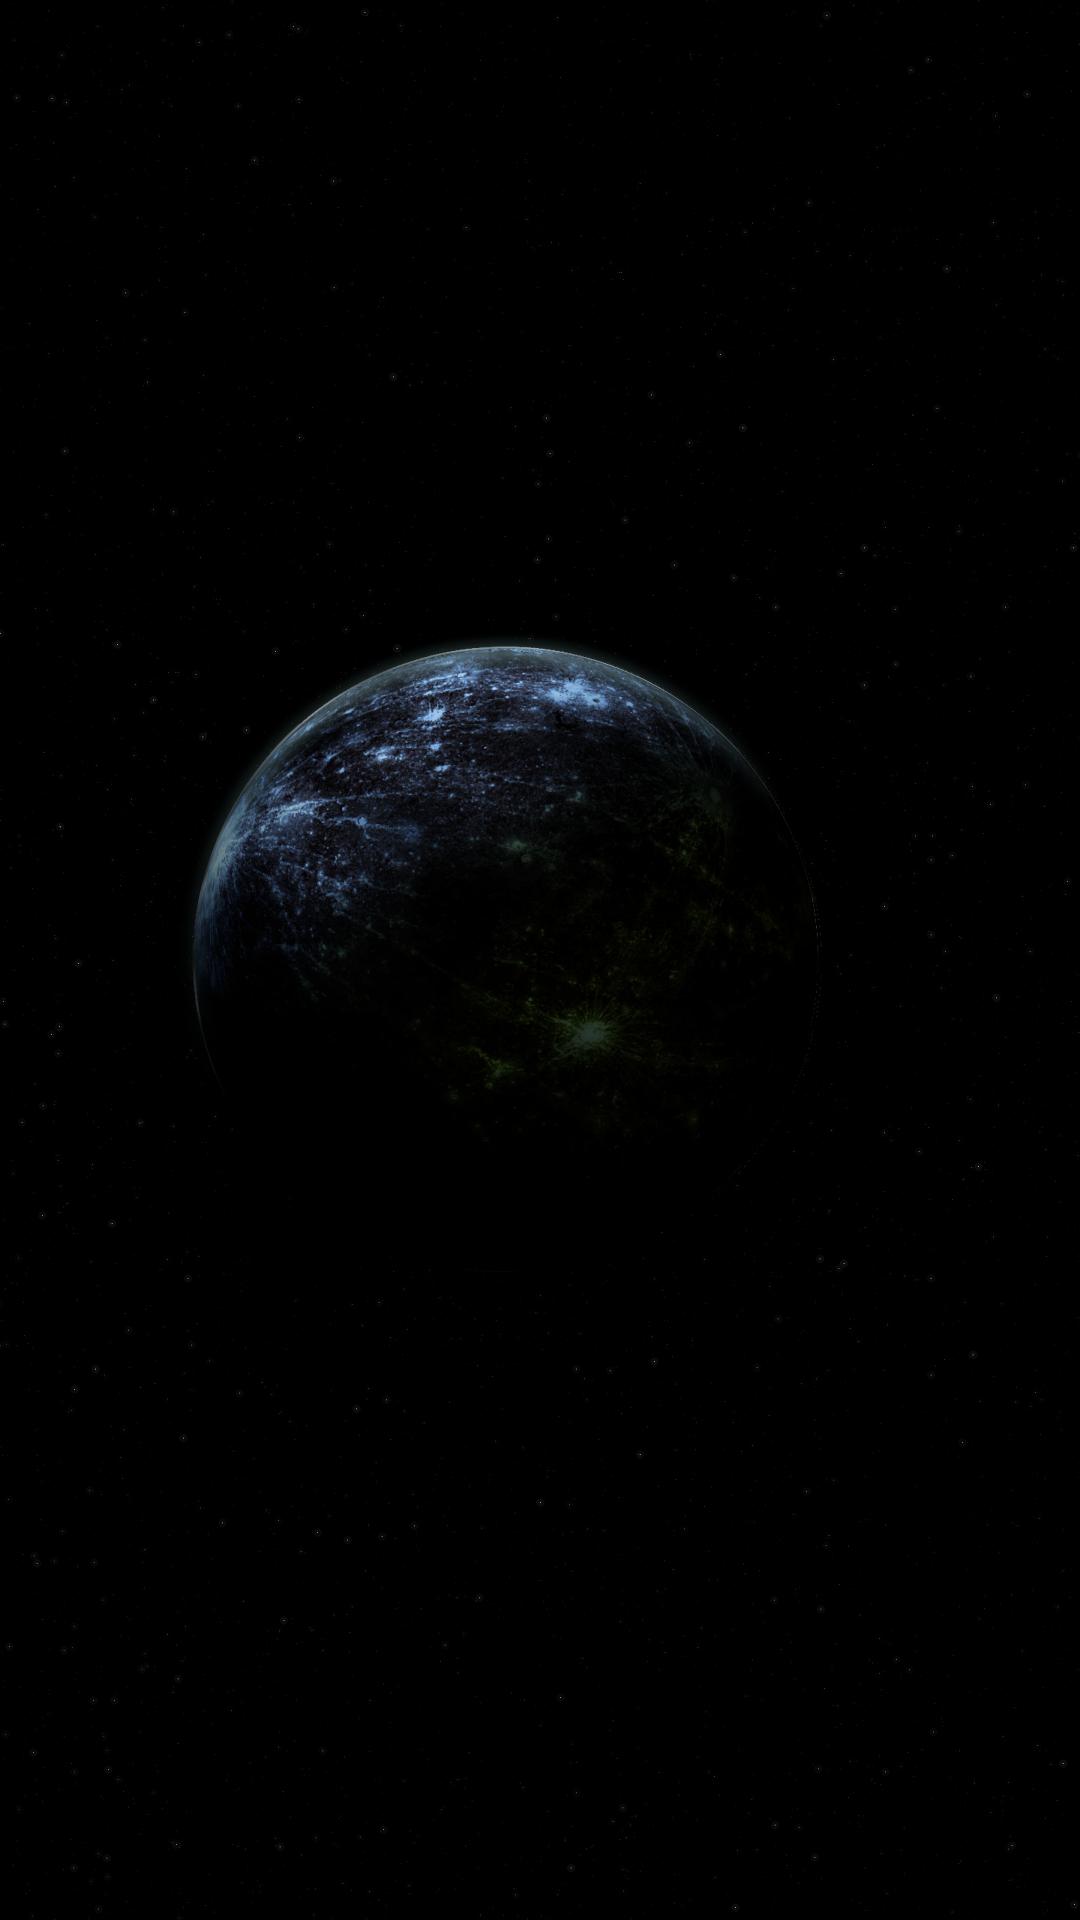 Download 1080x1920 Wallpaper Space Planet Shadow Dark Fantasy